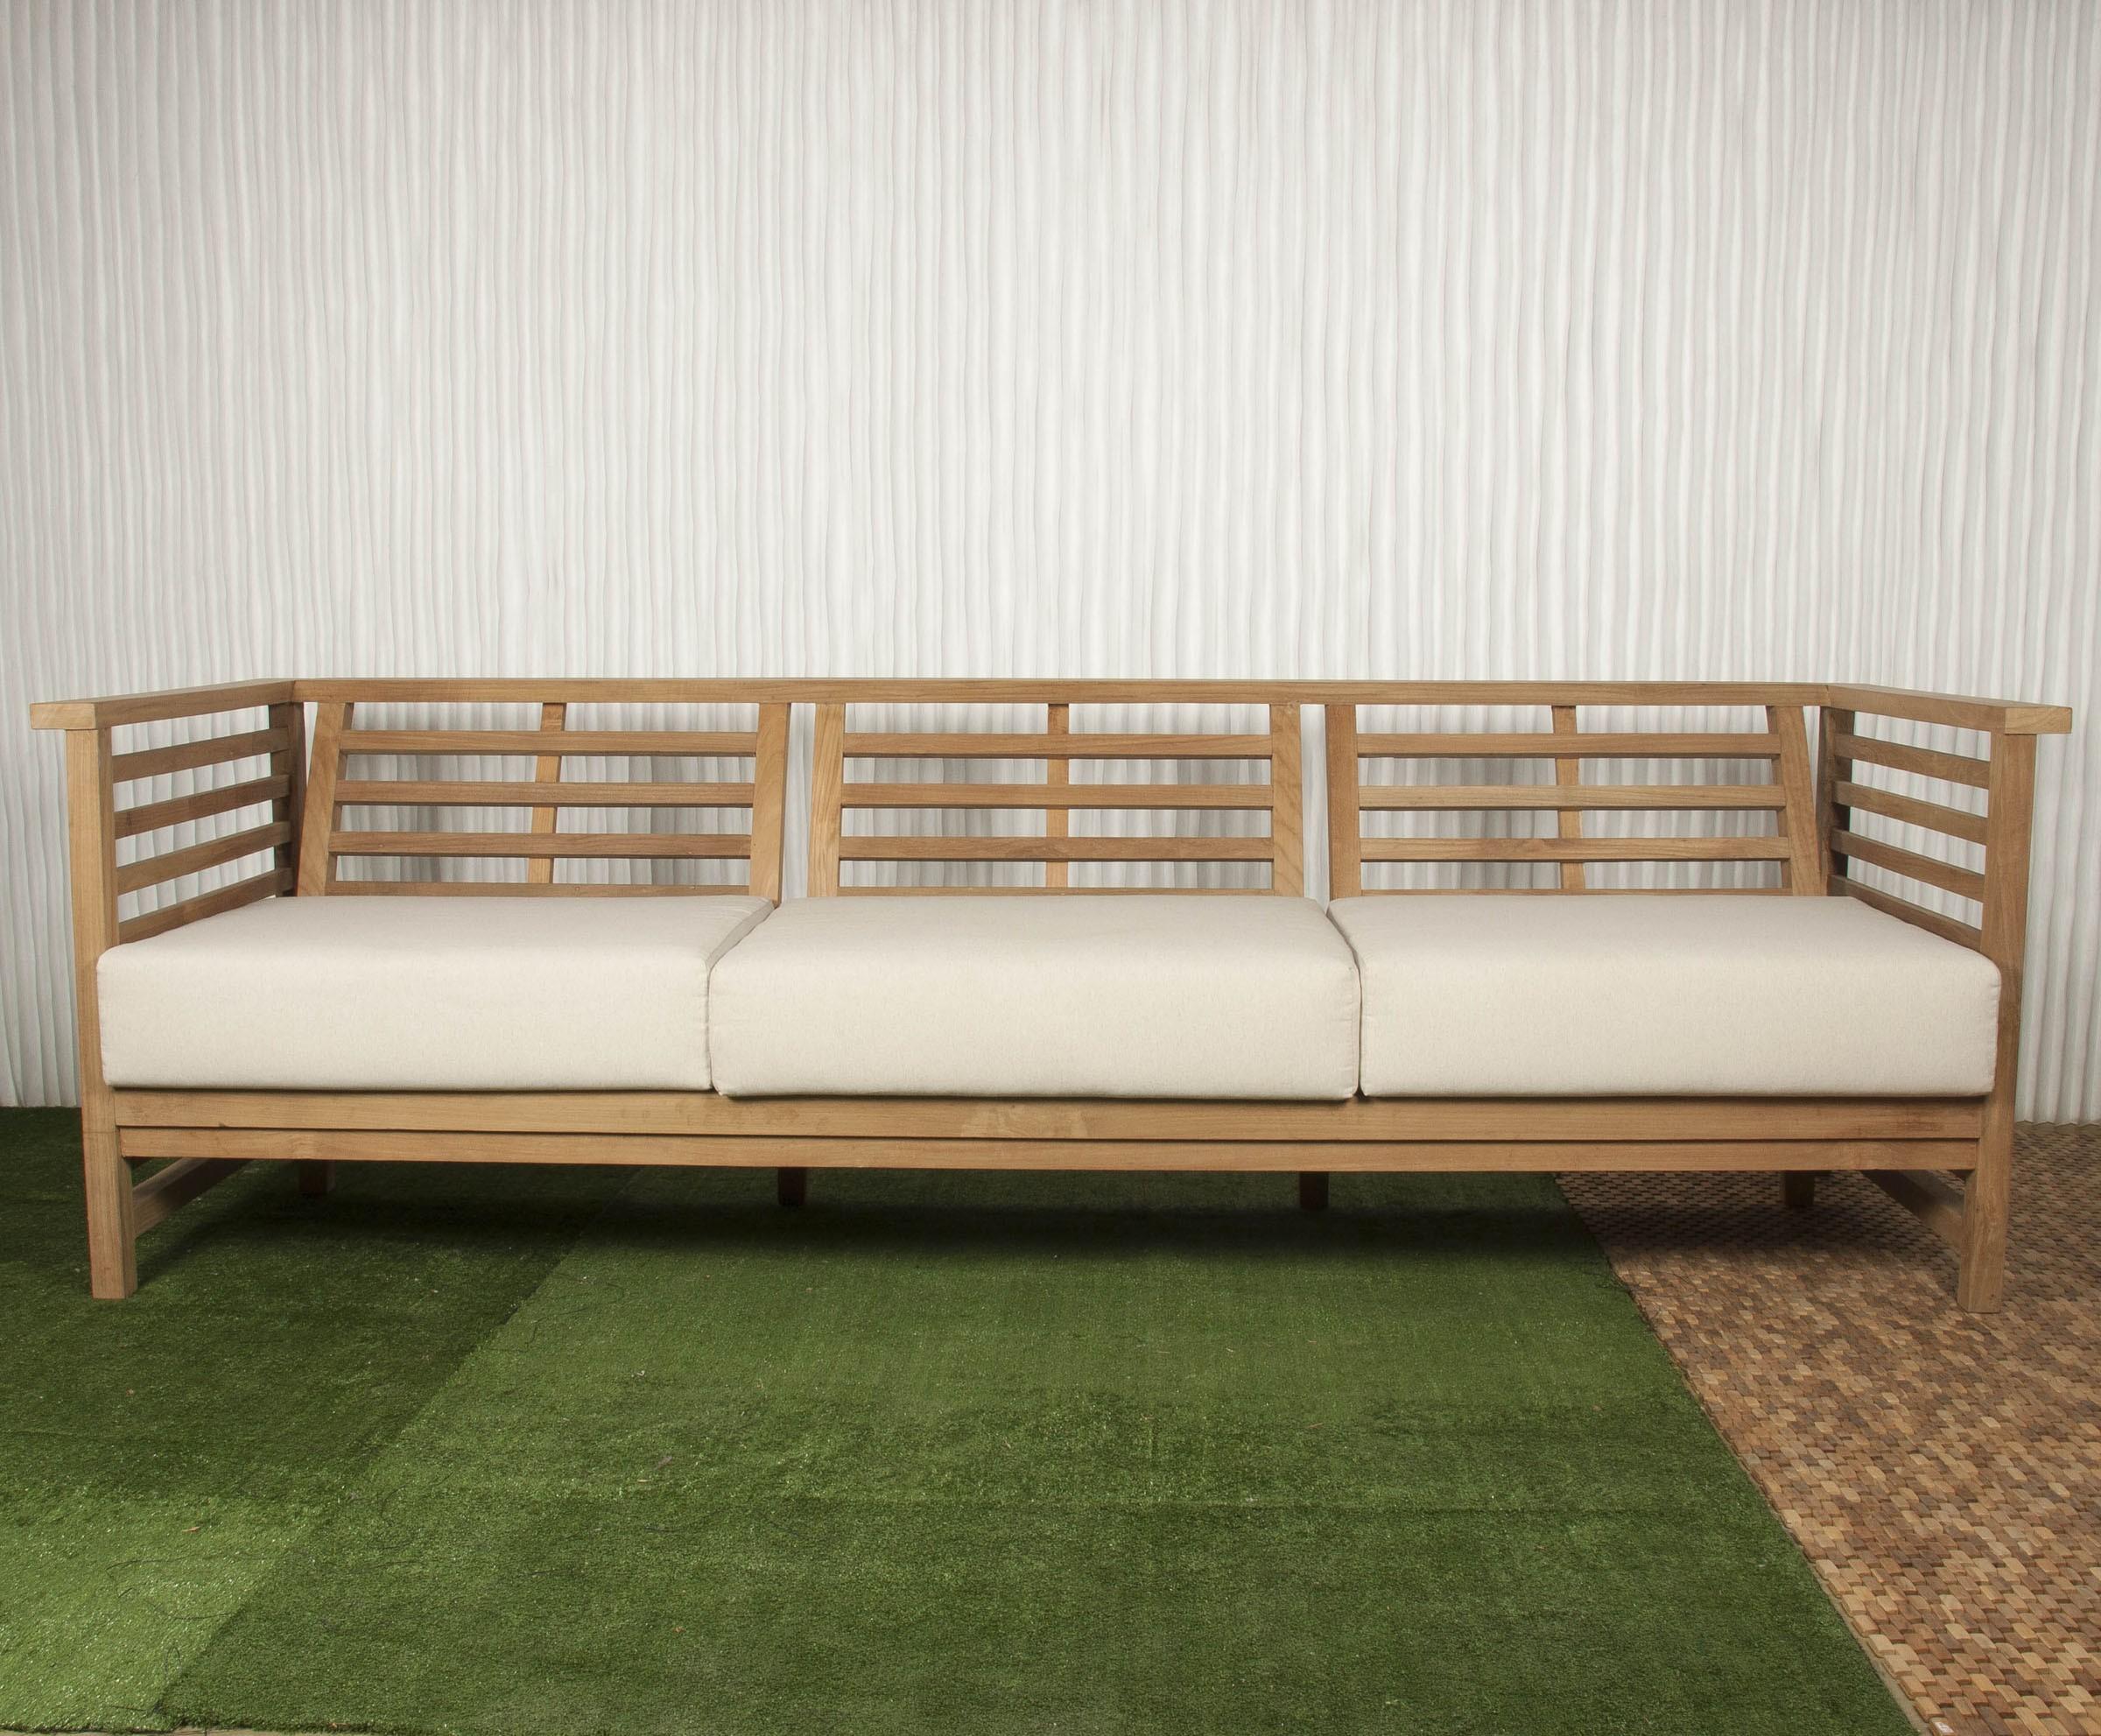 Sof exterior y sof de madera batavia - Medidas sofa 3 plazas ...